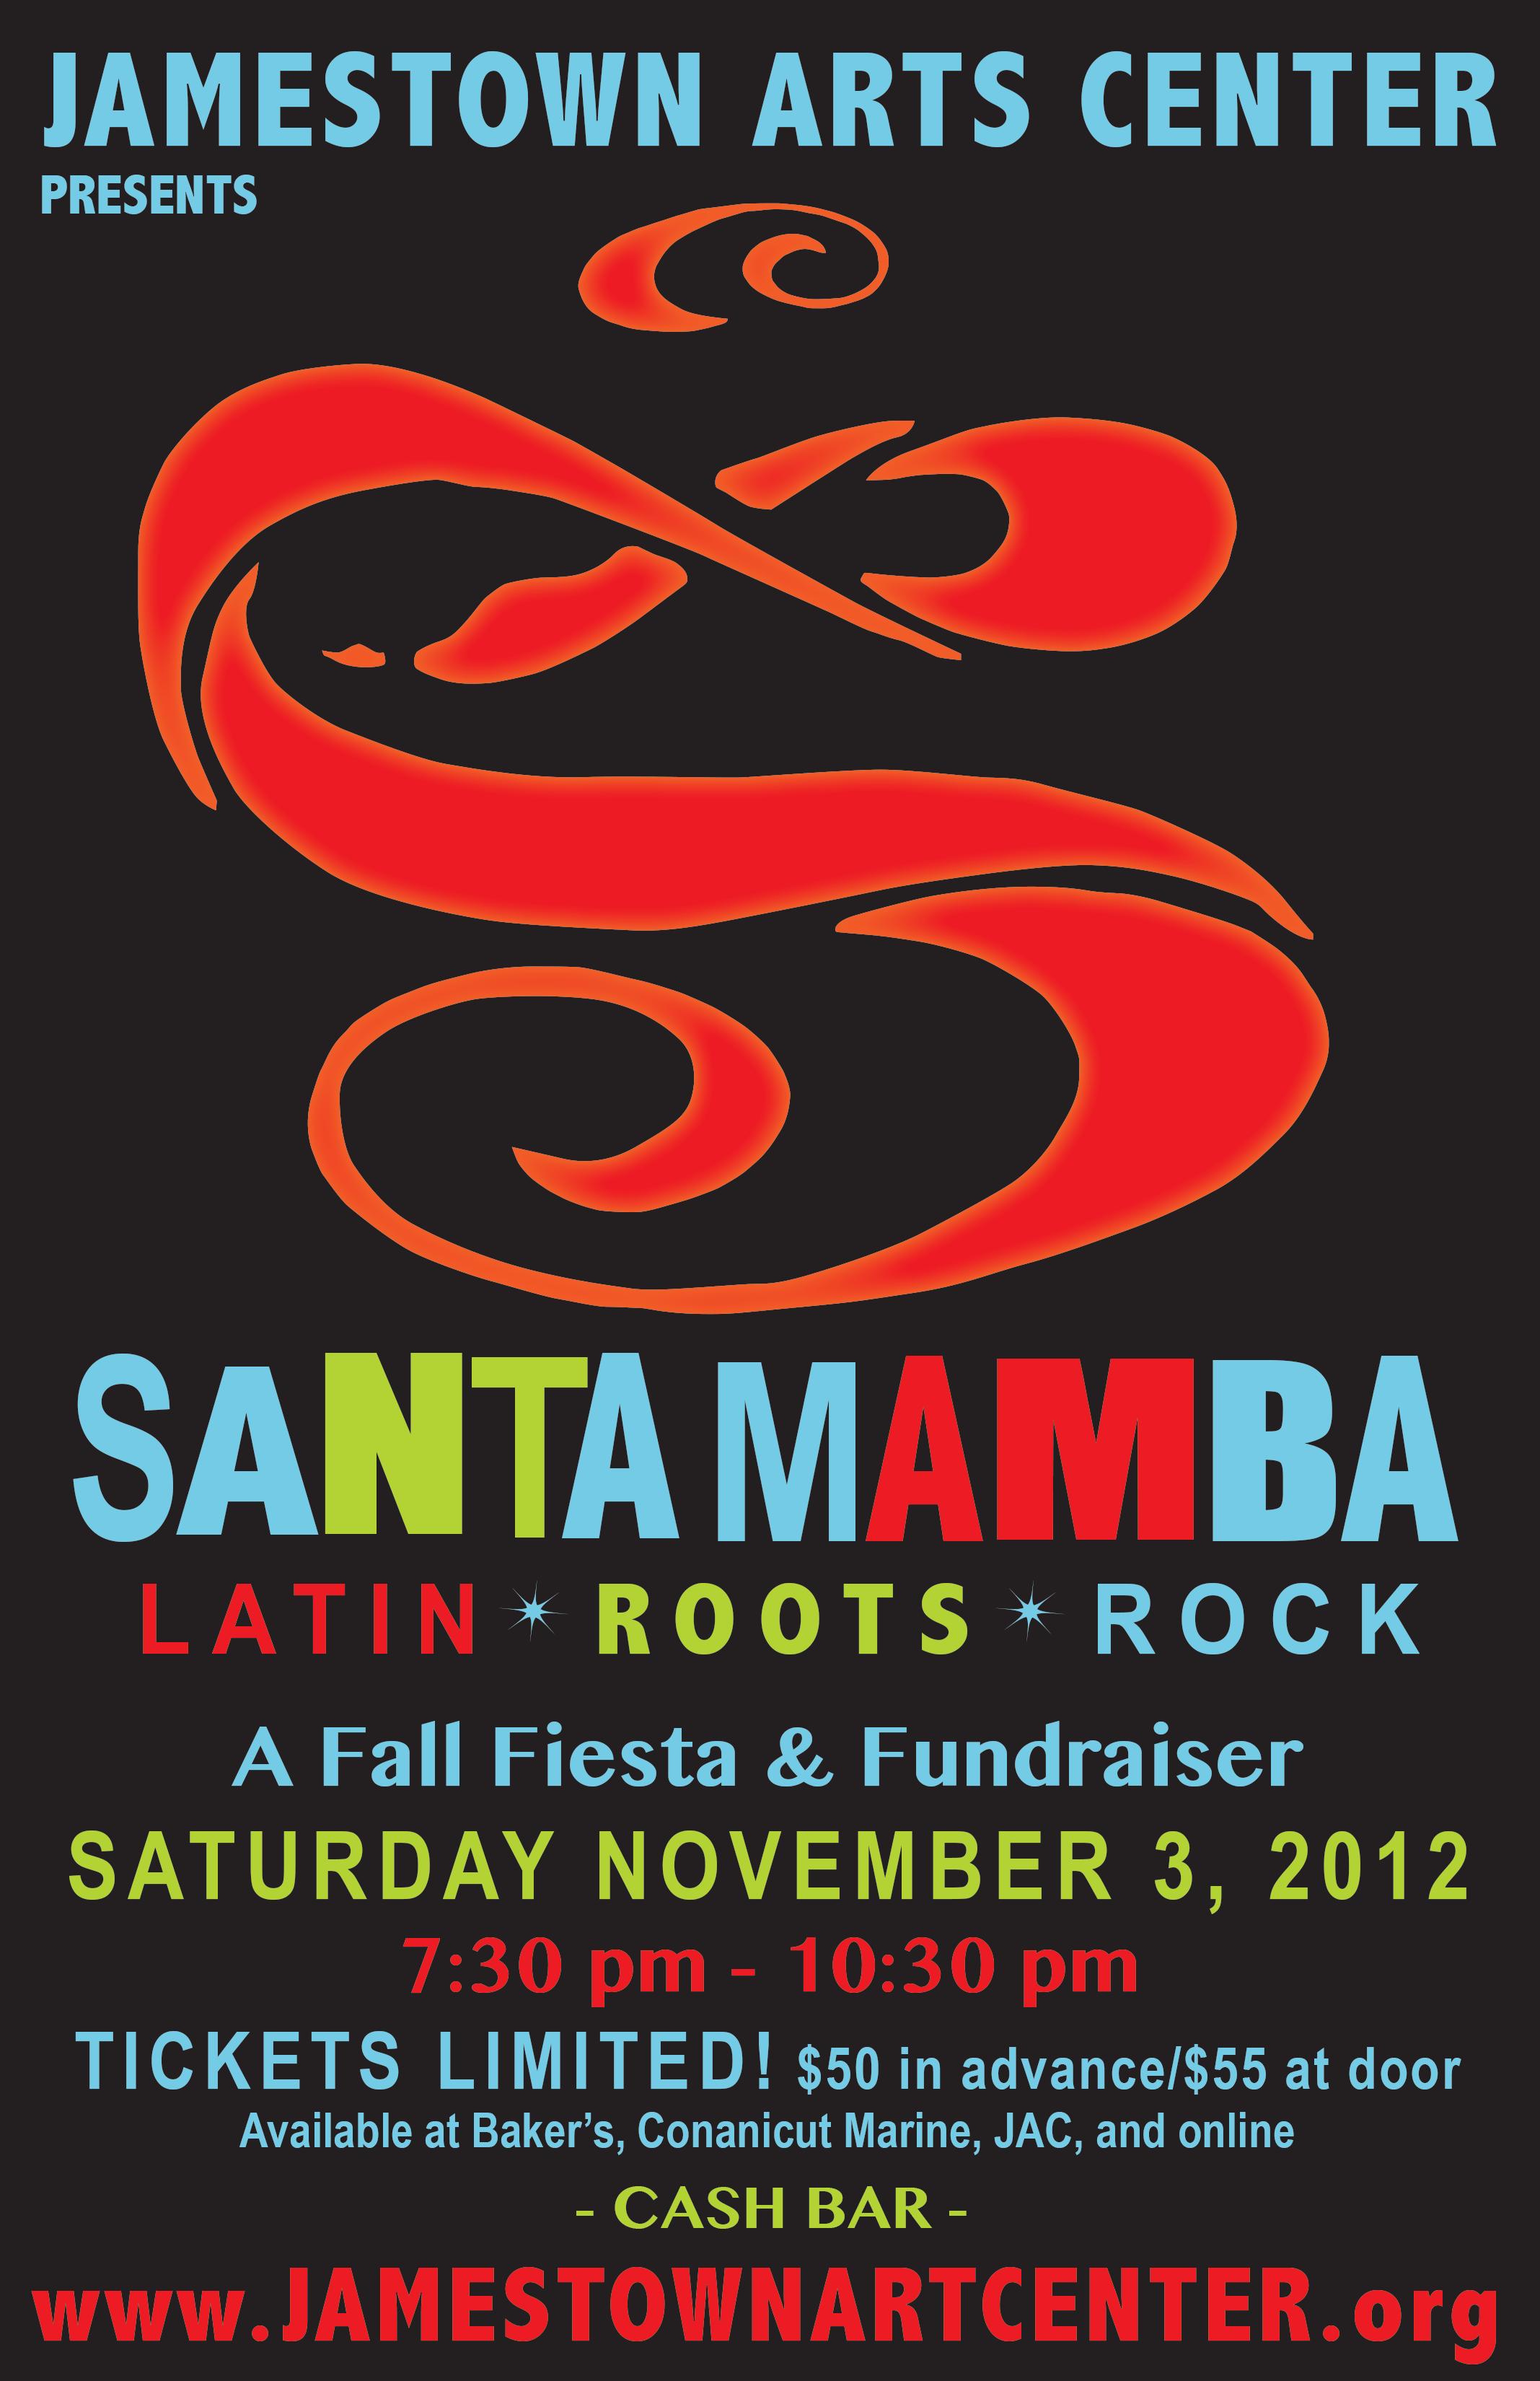 Santa Mamba poster